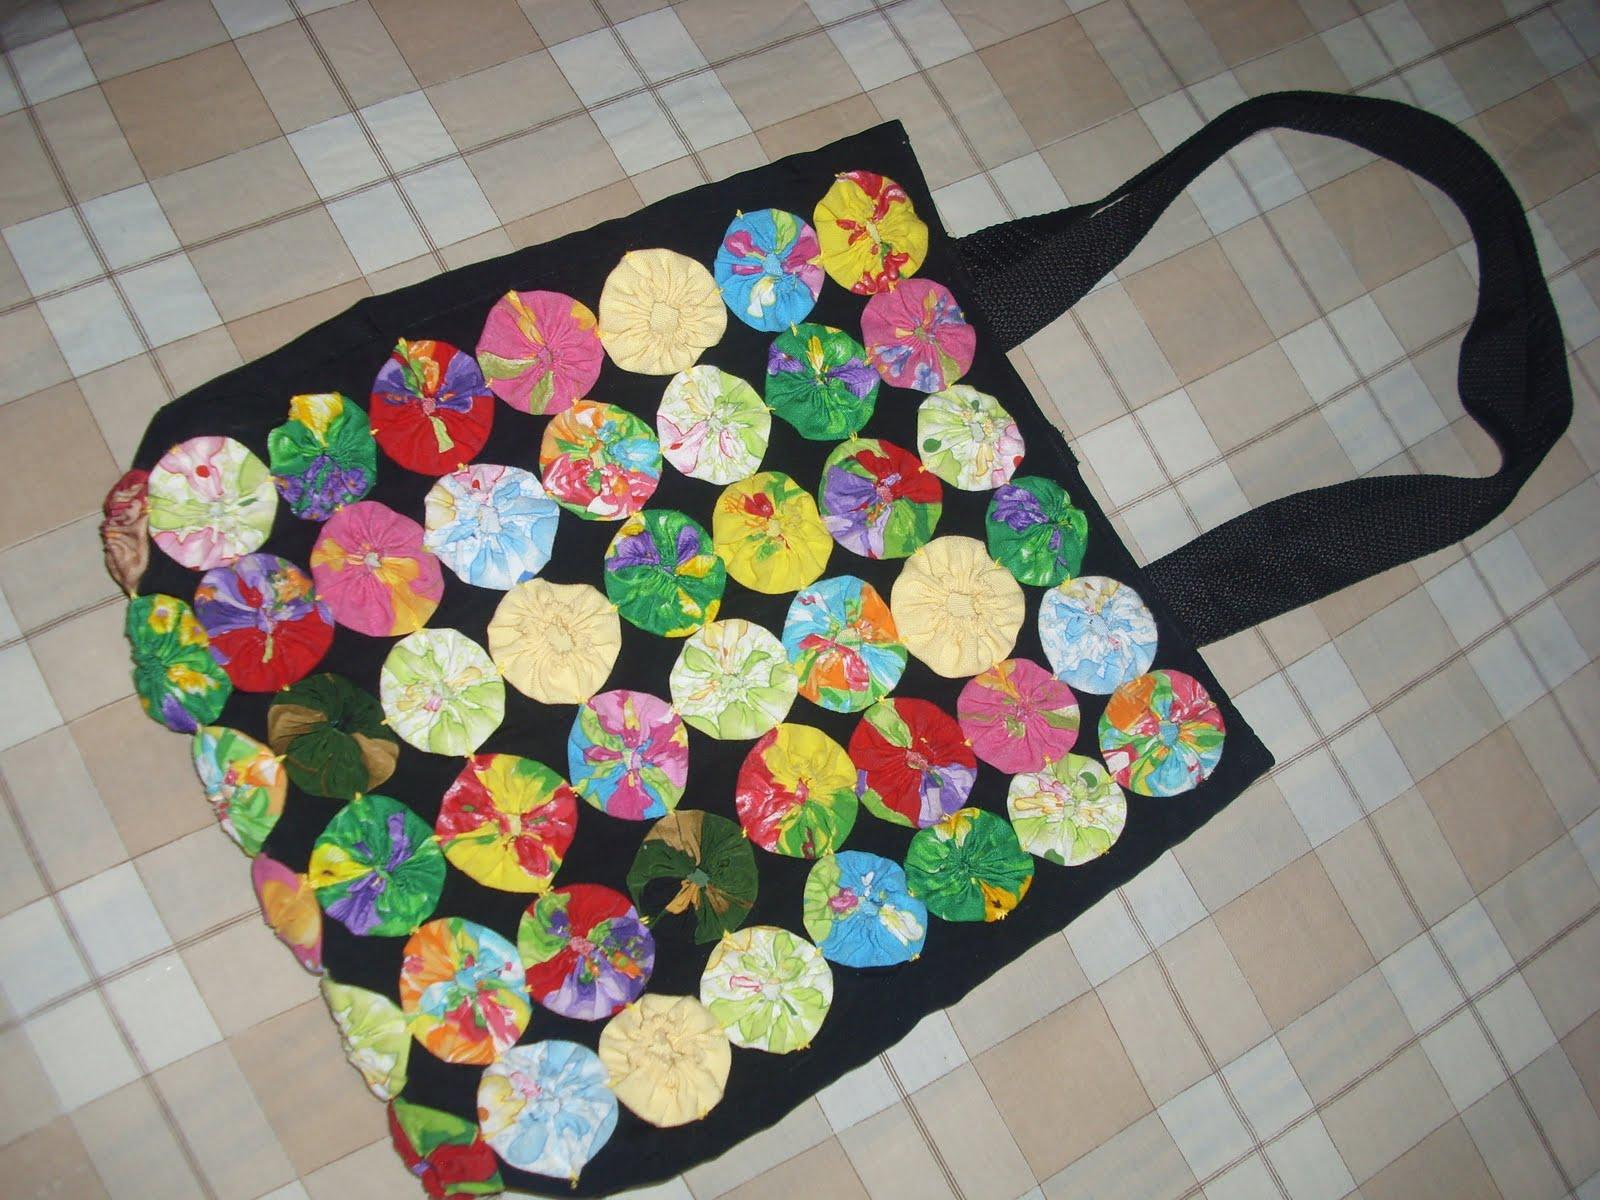 Ara ito tejedor bolsa con yoyos de tela - Bolsas de tela manualidades ...